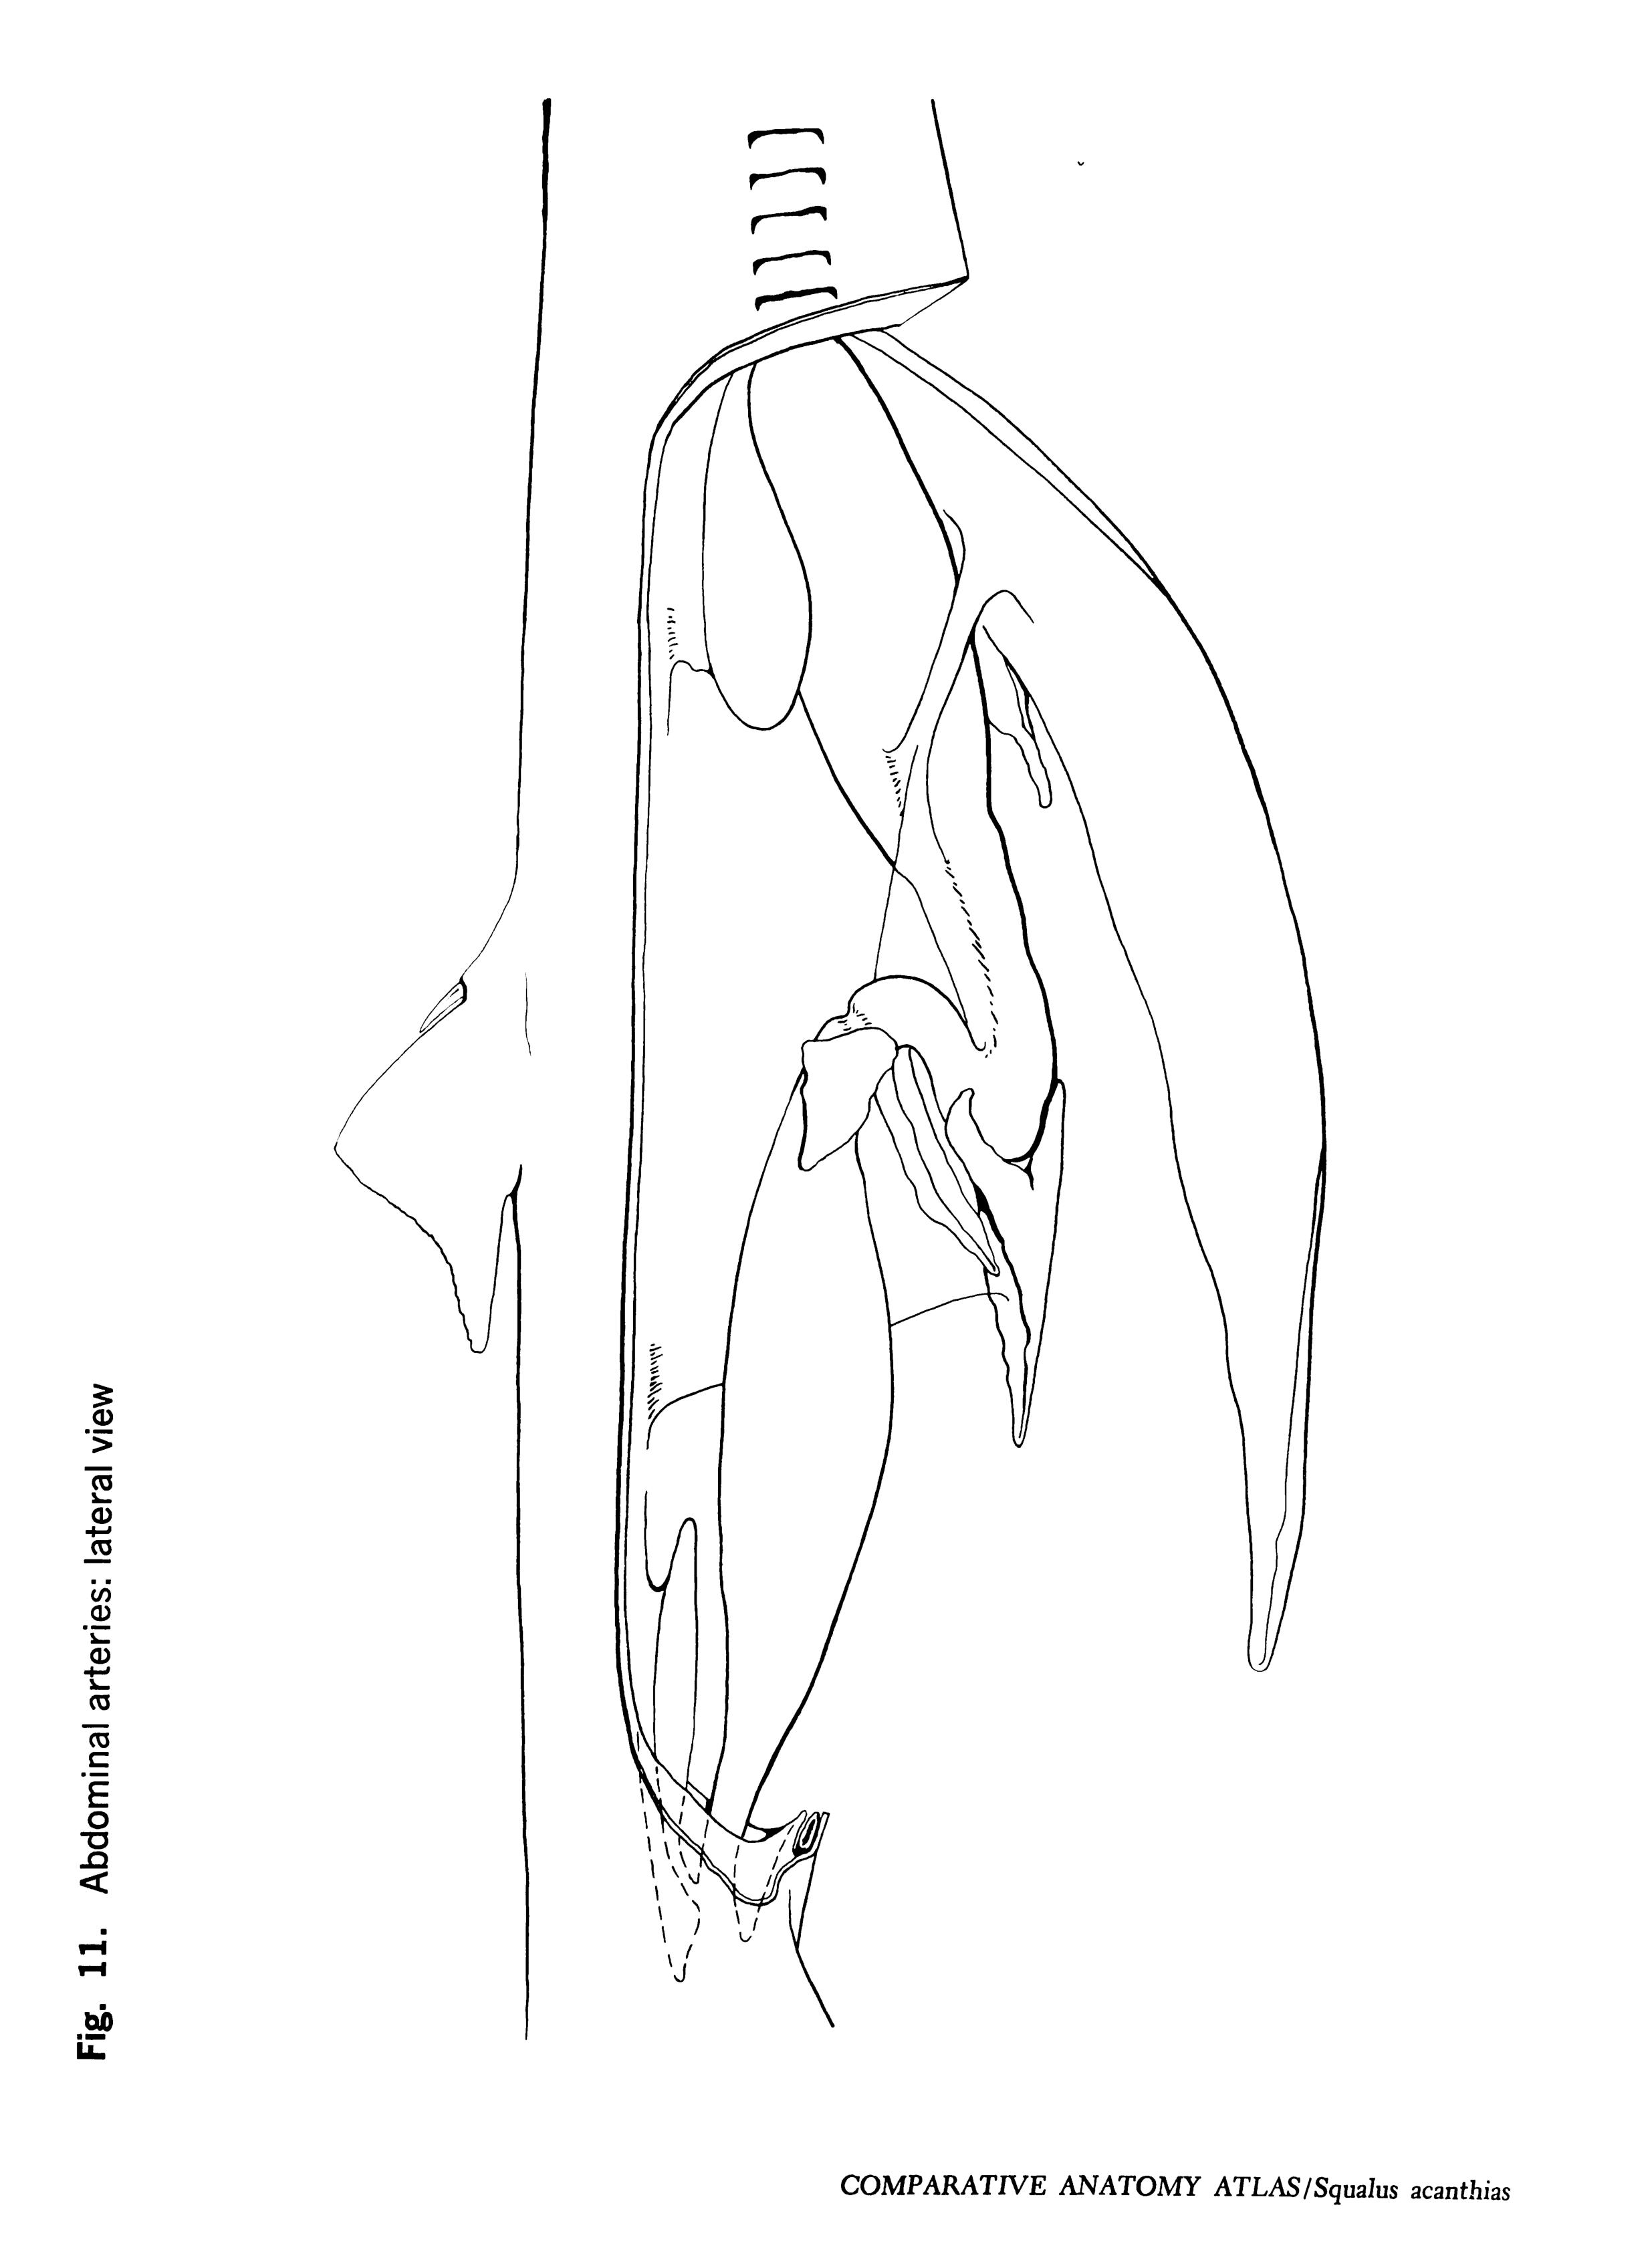 Squalus acantbias Figure 11